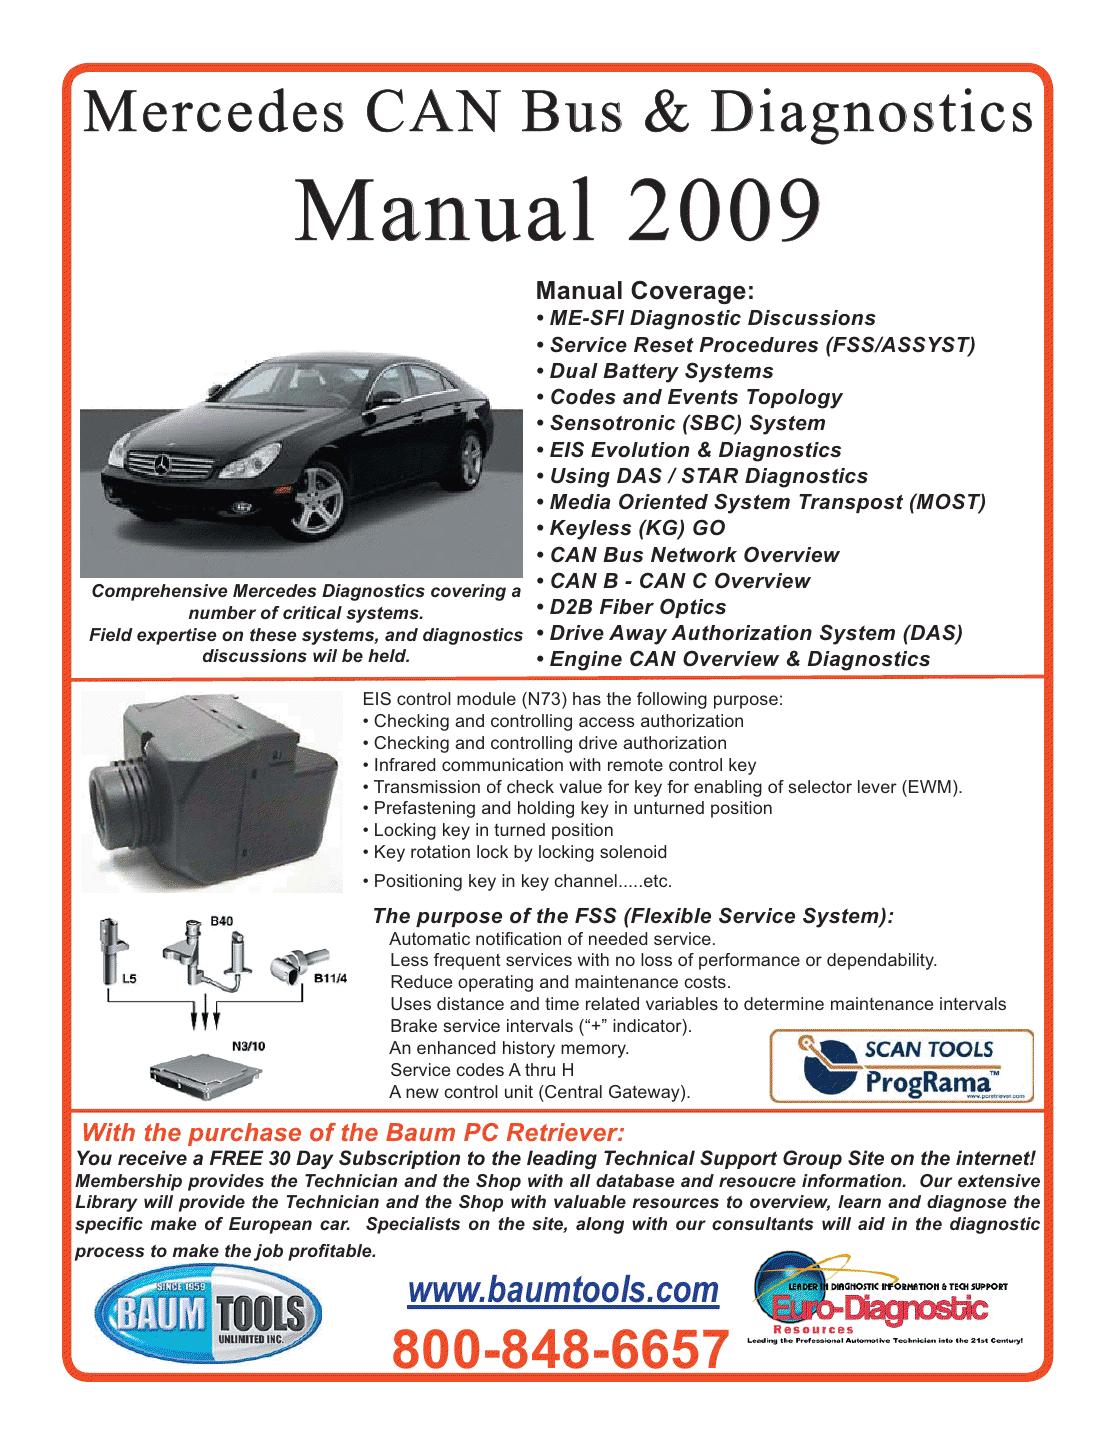 freeownersmanual mercedes can bus diagnostics manual rh freeownersmanual blogspot com DSM -IV DSM -5